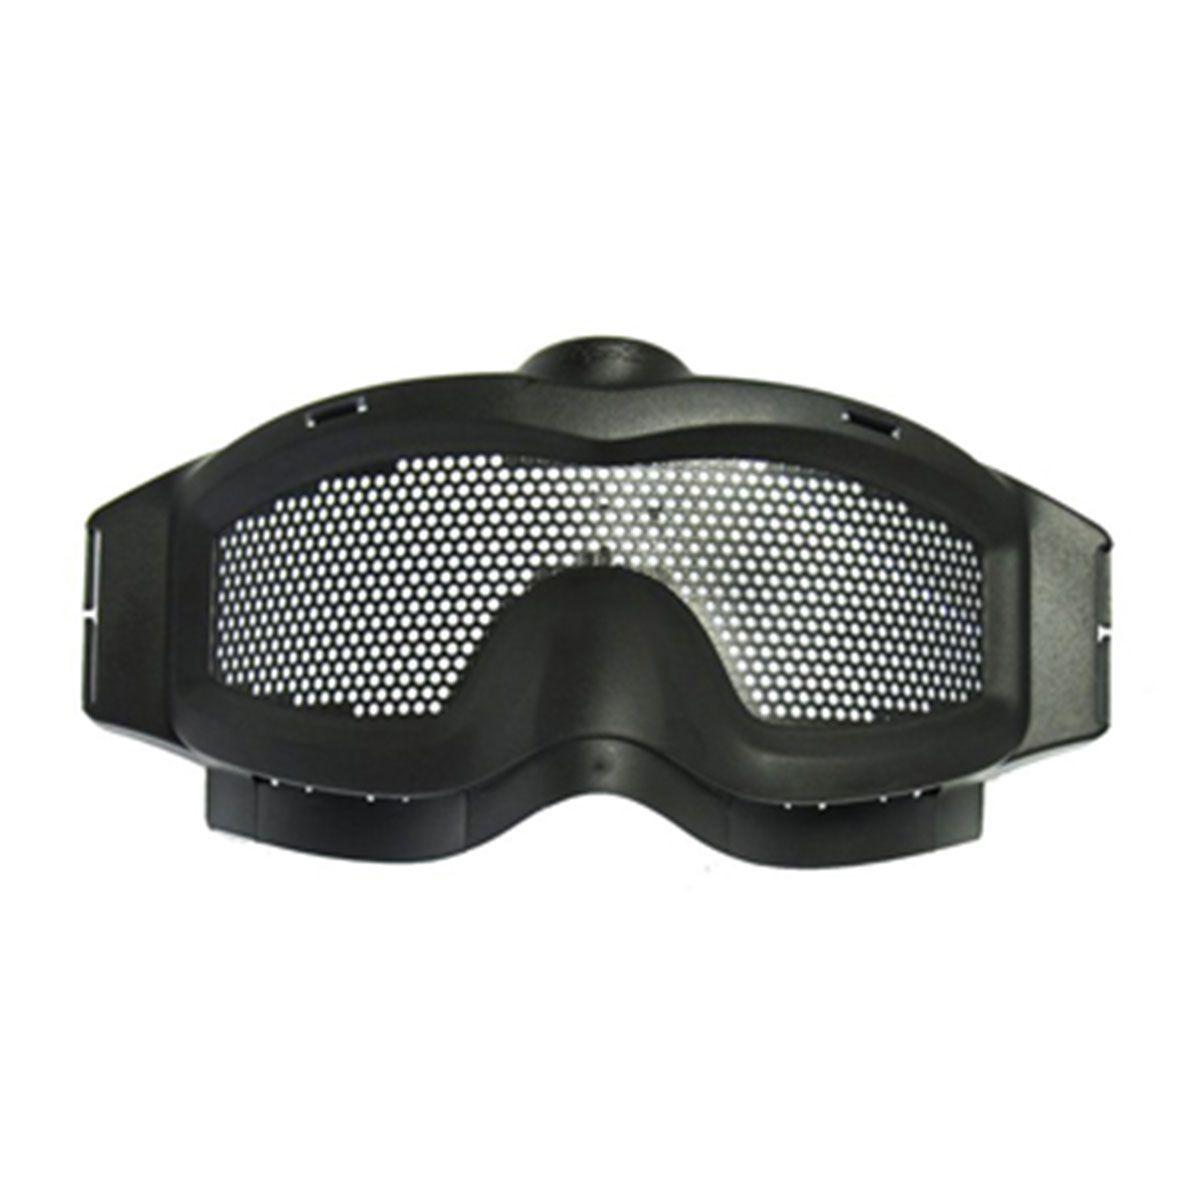 Óculos TMC c/ malha metálica de proteção - Preta